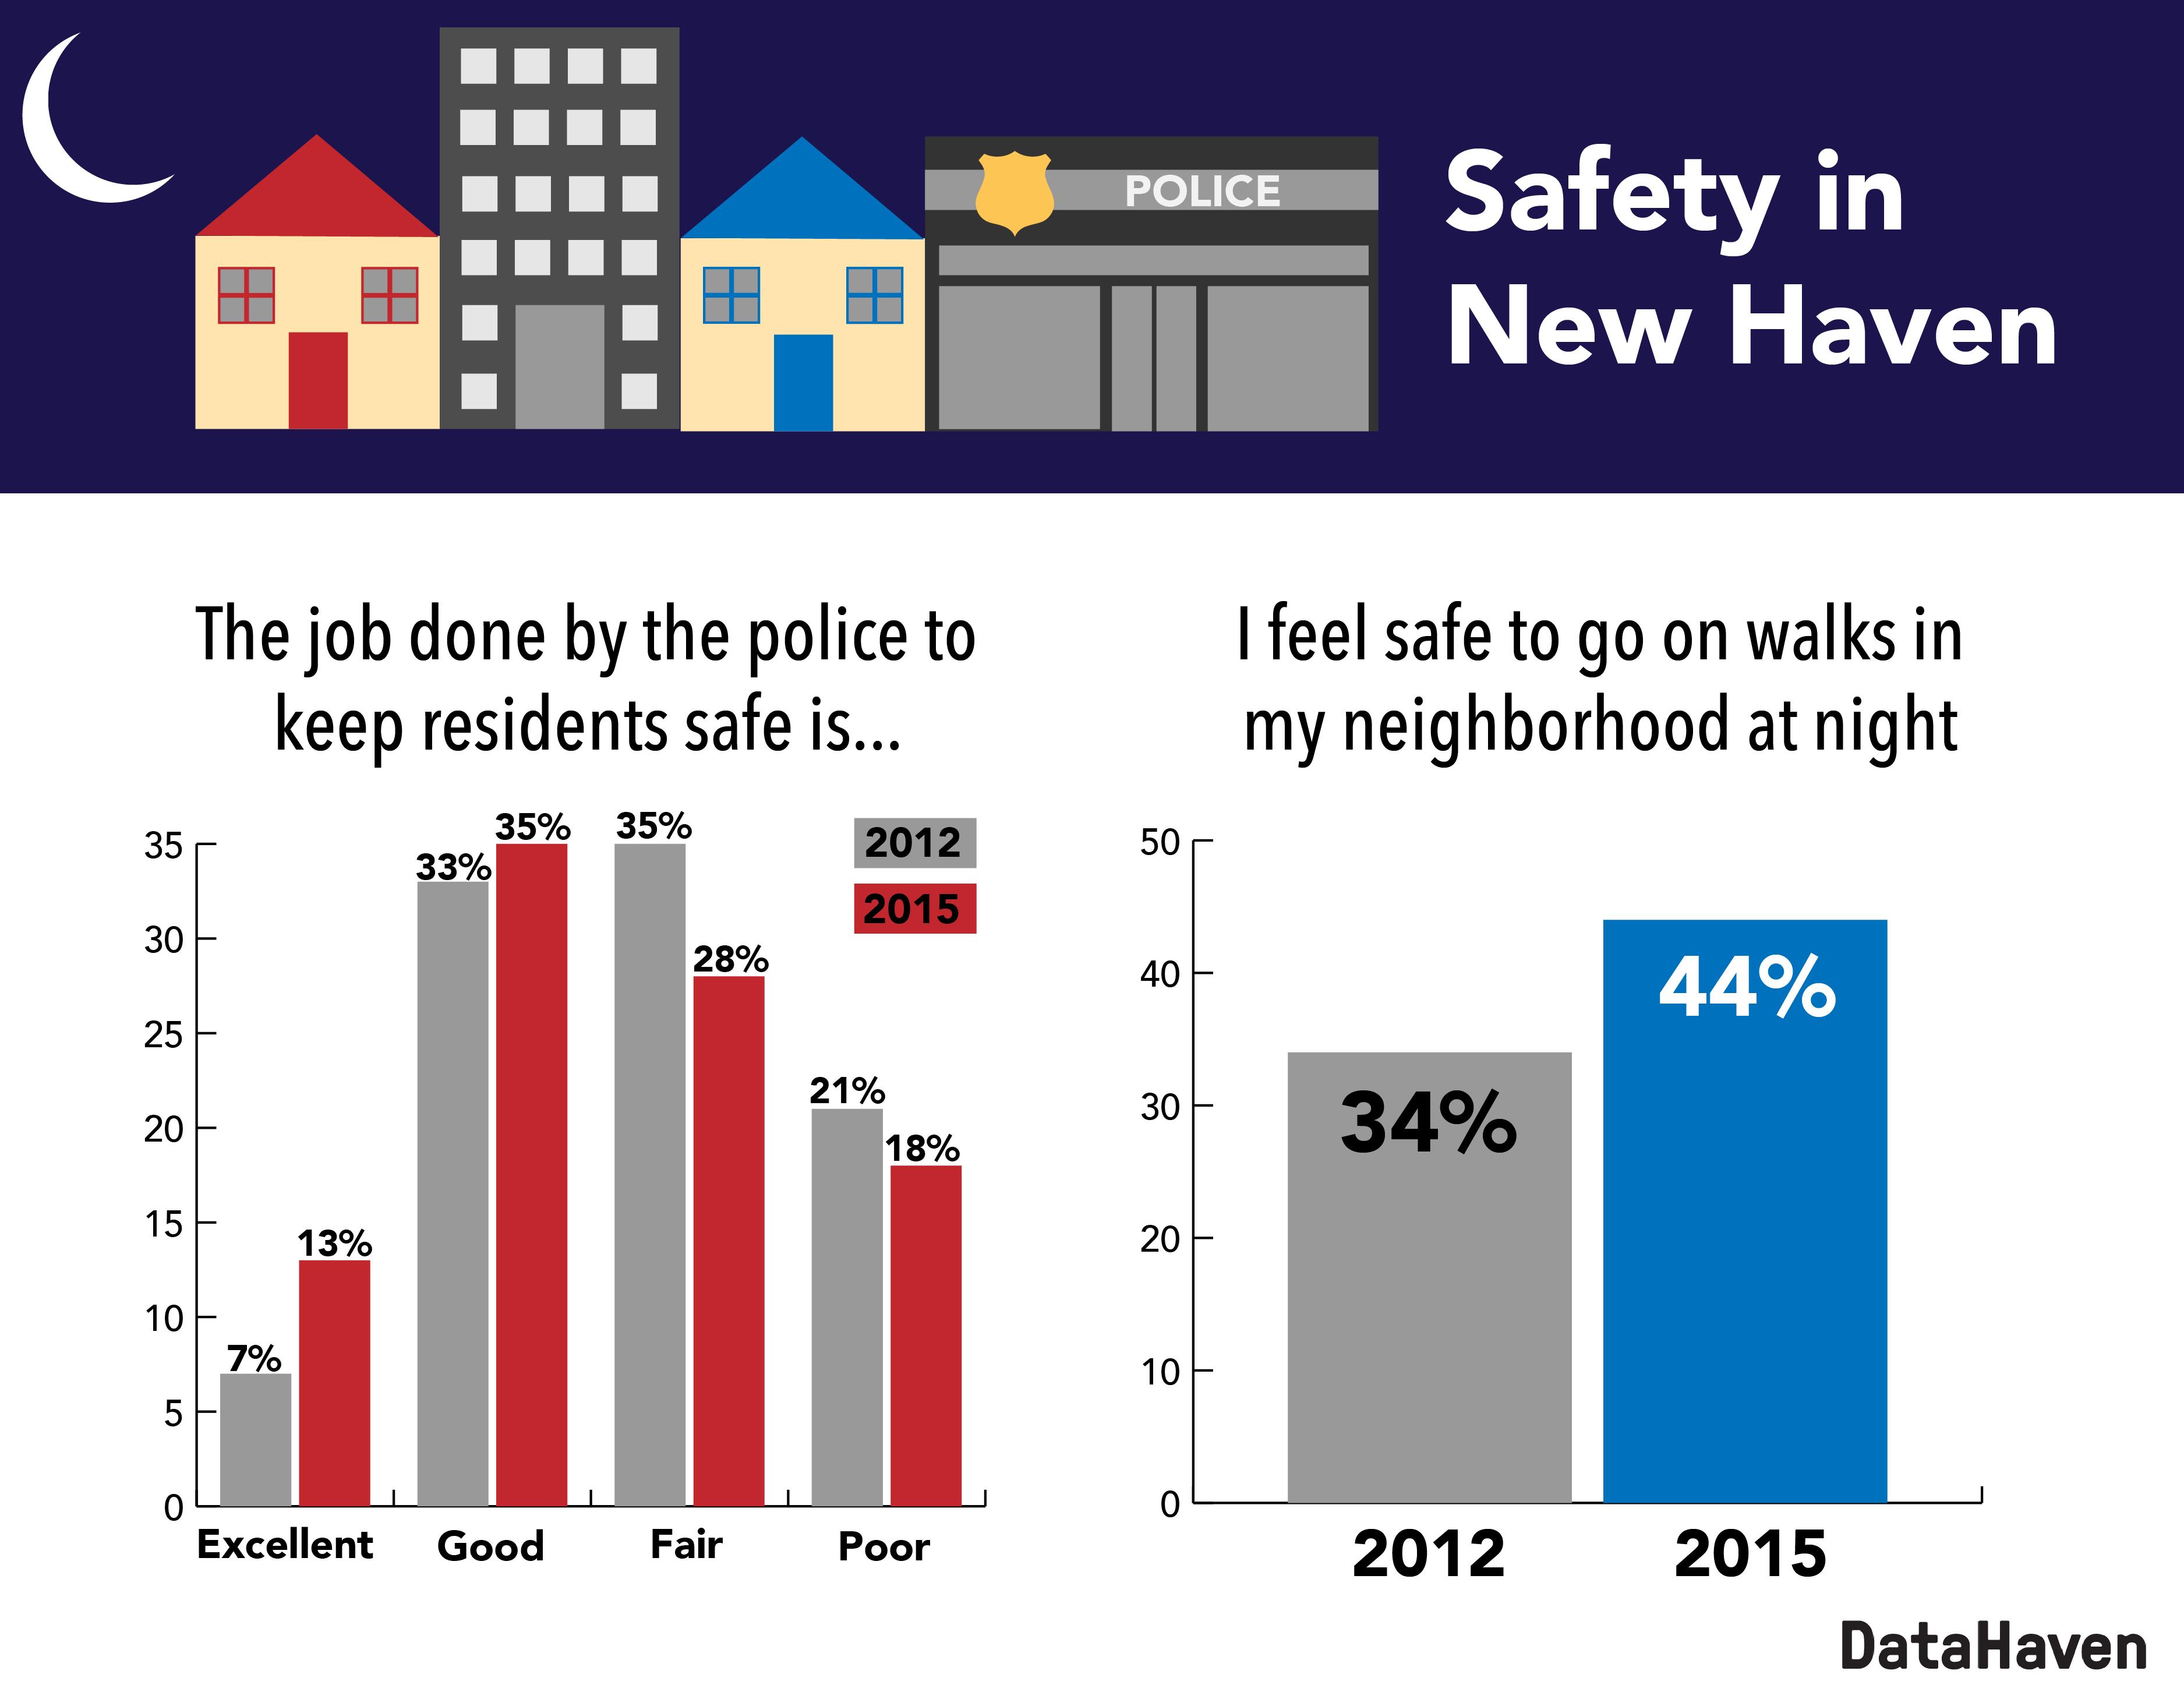 New Haven neighborhood safety